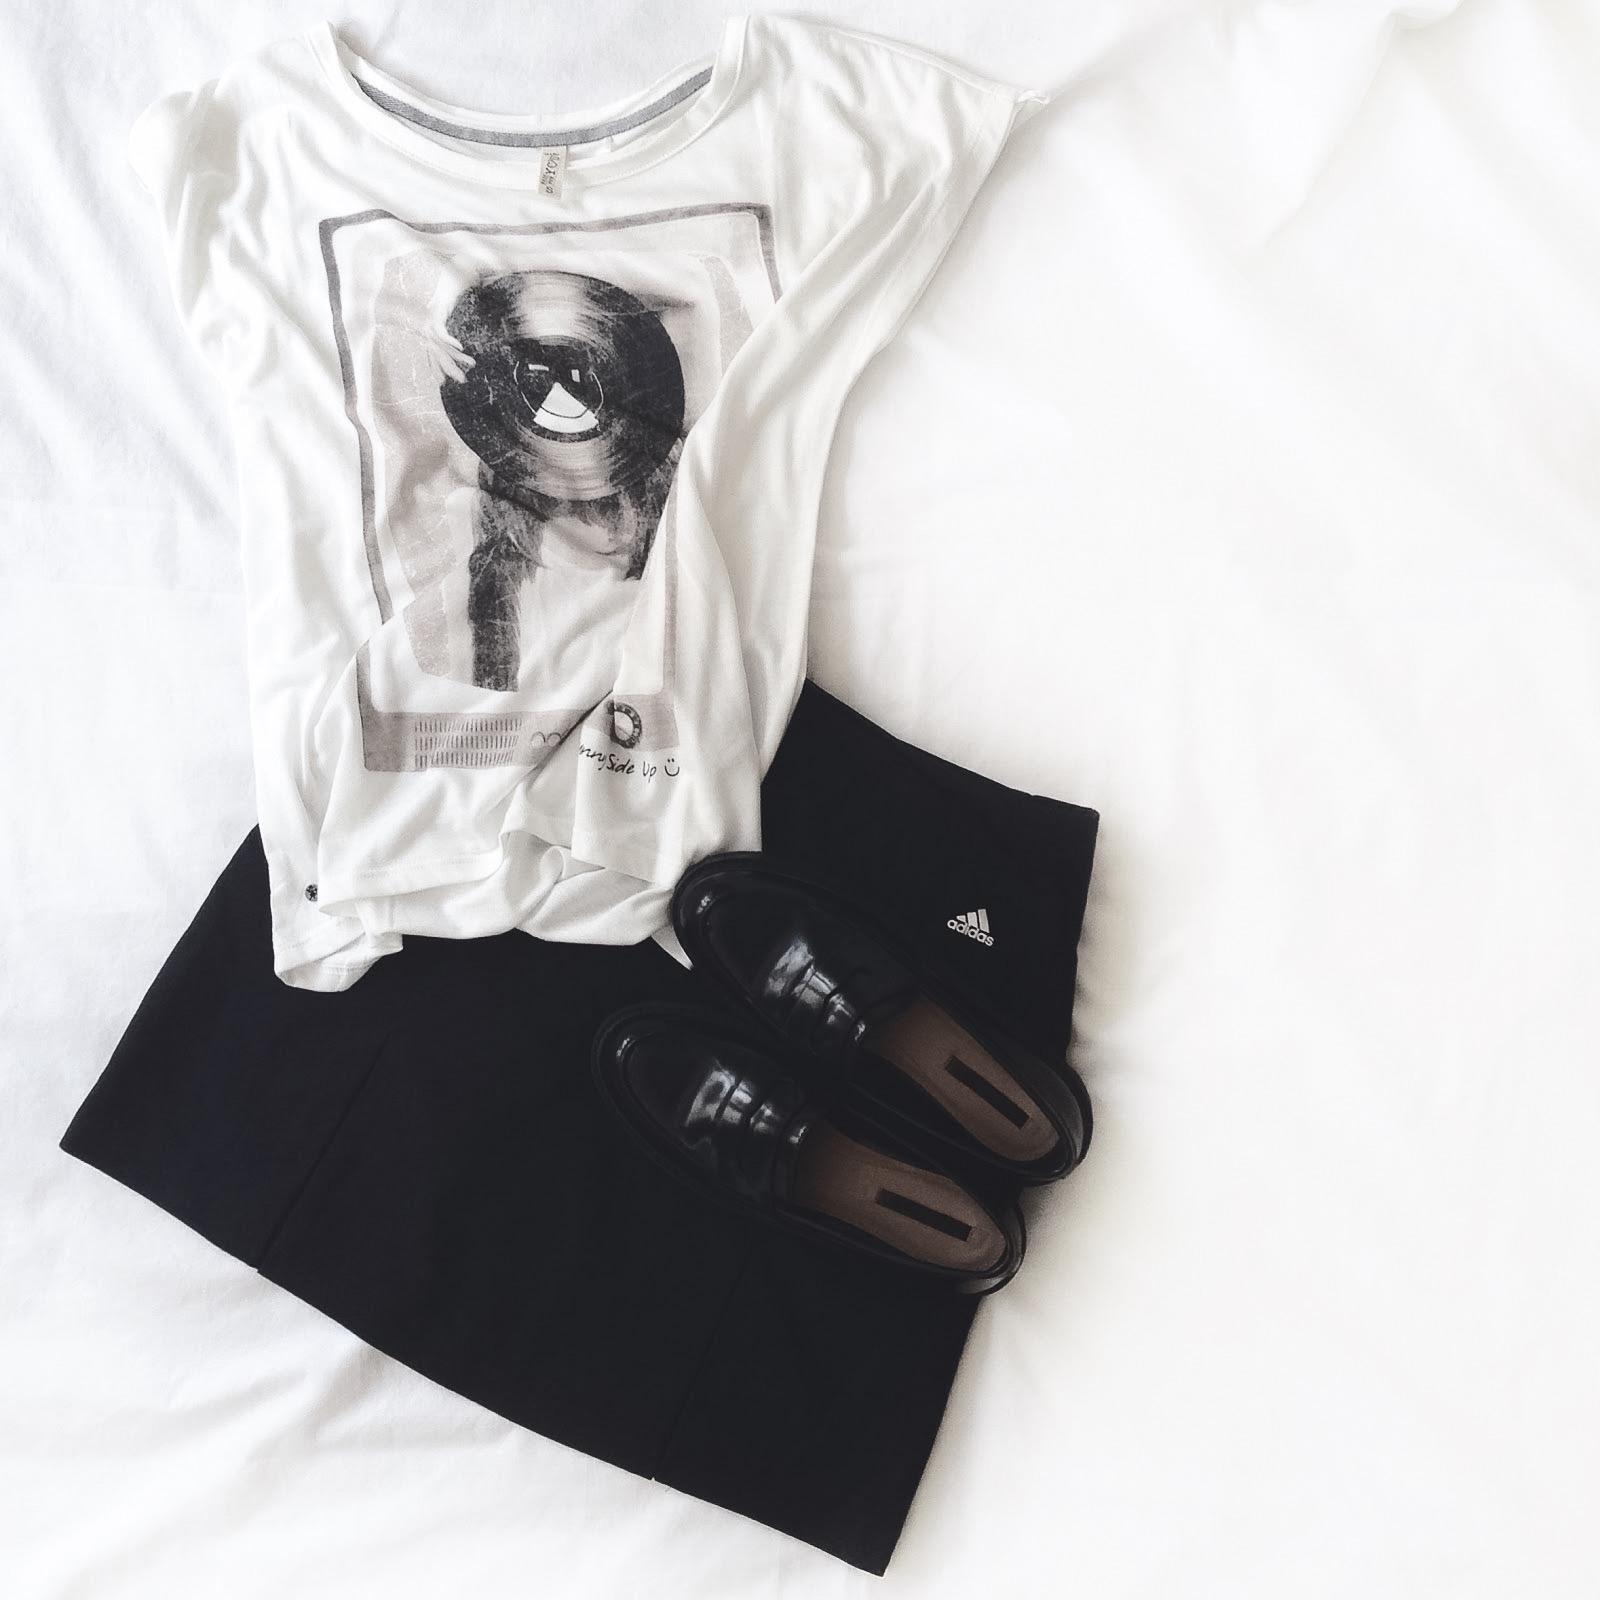 5fe0f65a2c Como ya saben me encanta el estilo minimal y no es algo que aplique  solamente en el look de mi blog o fotografías. El estilo minimal forma  parte de mis ...